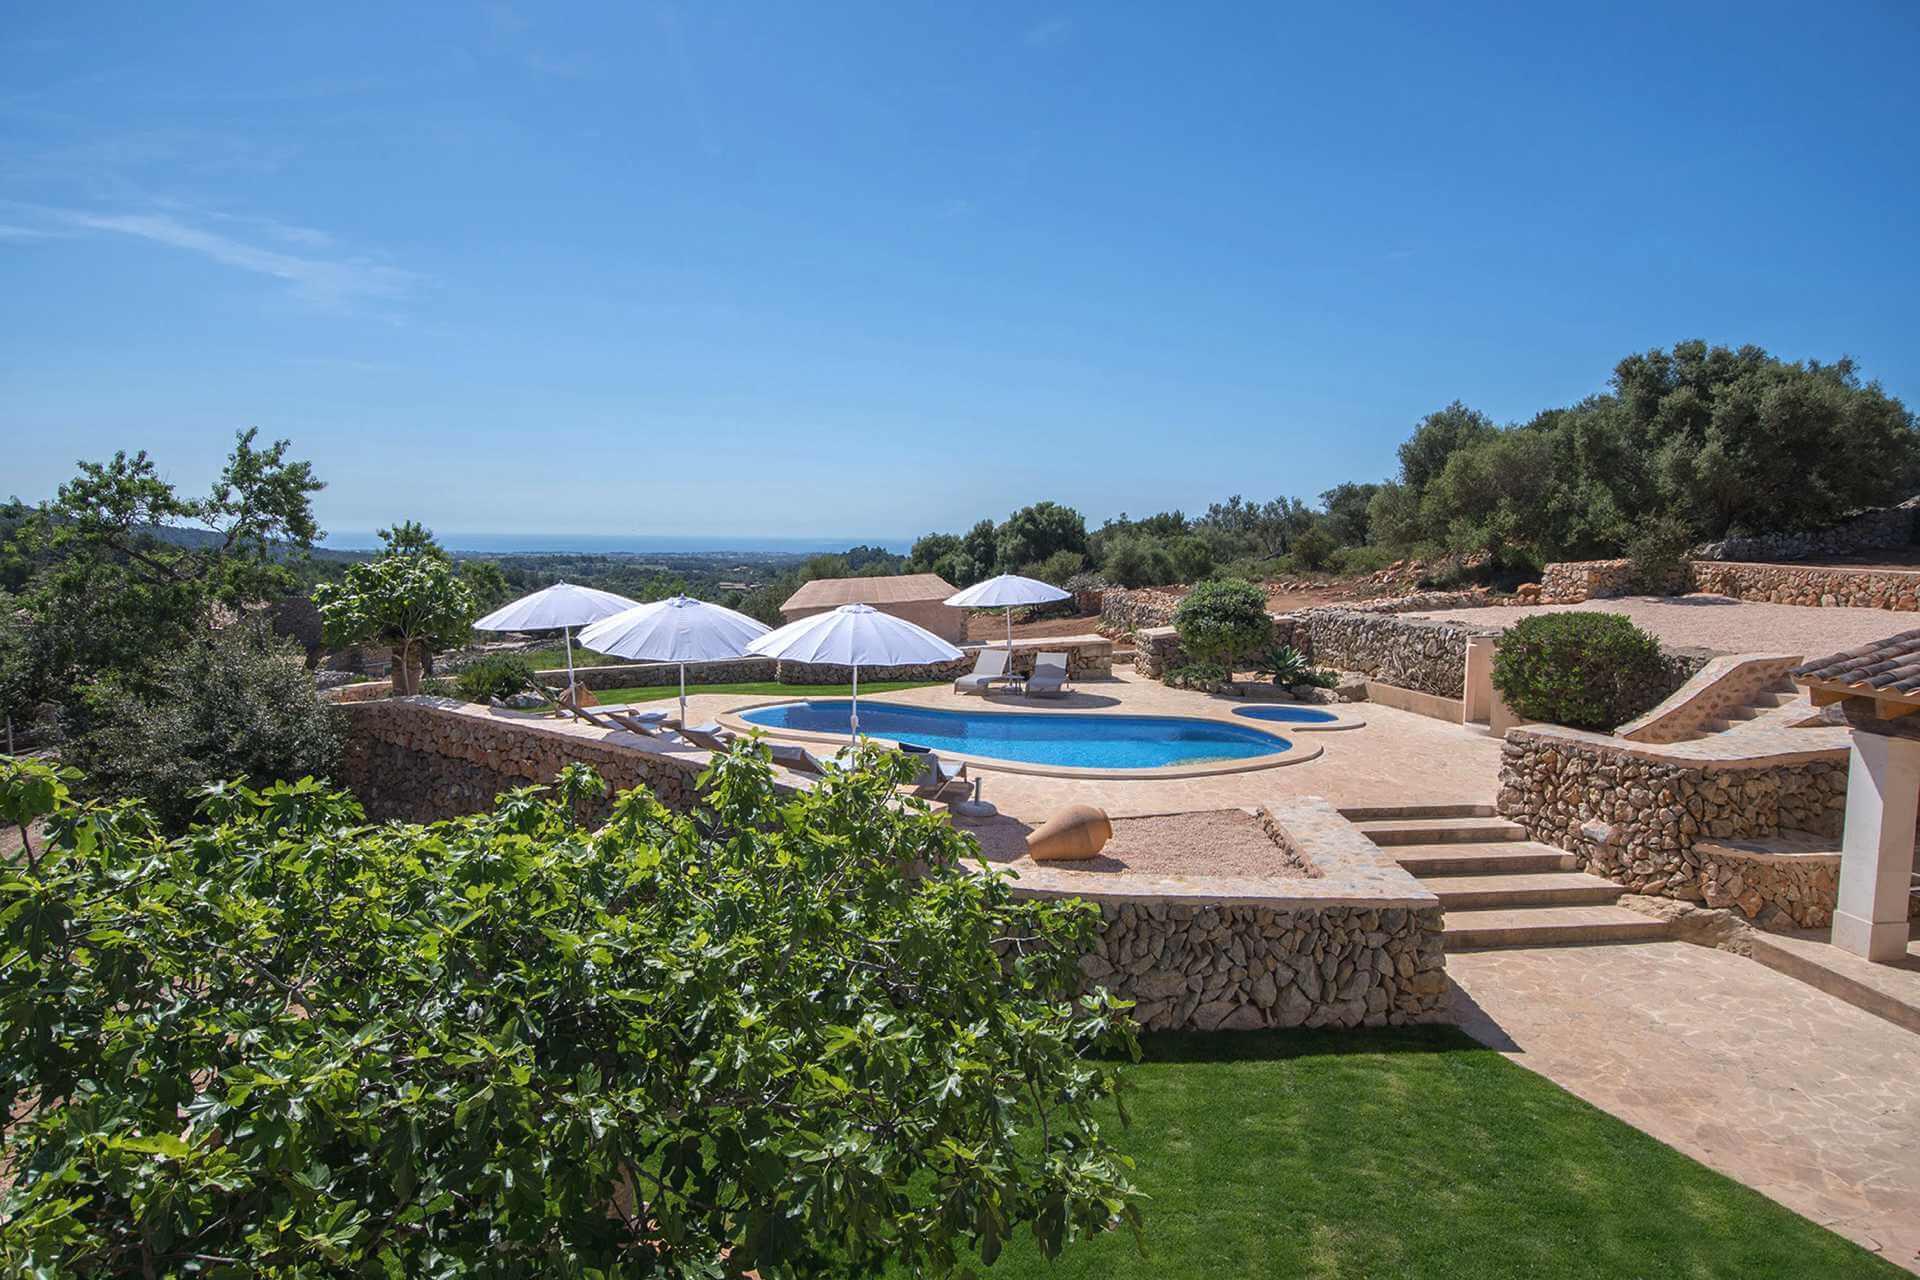 01-345 moderne Meerblick Finca Mallorca Osten Bild 2